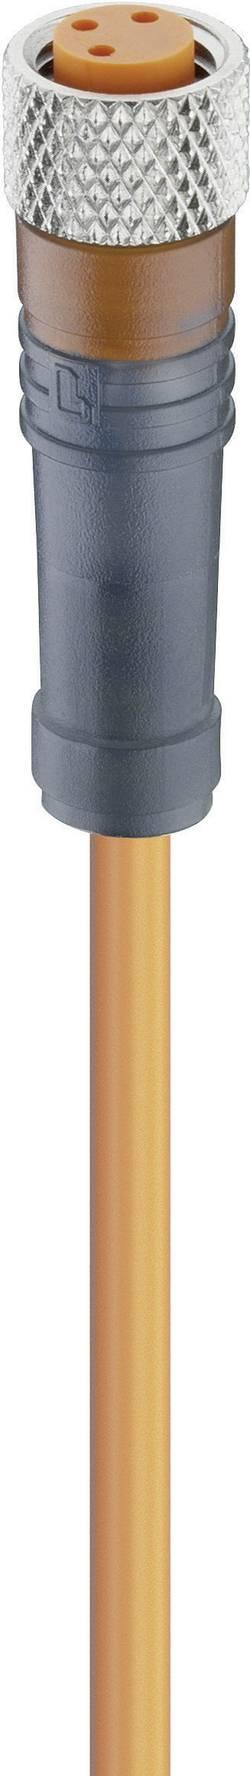 Câbles pour capteurs/actionneurs M8, à visser Lumberg Automation RKMV 3-06/2 M 11294 Conditionnement: 1 pc(s)